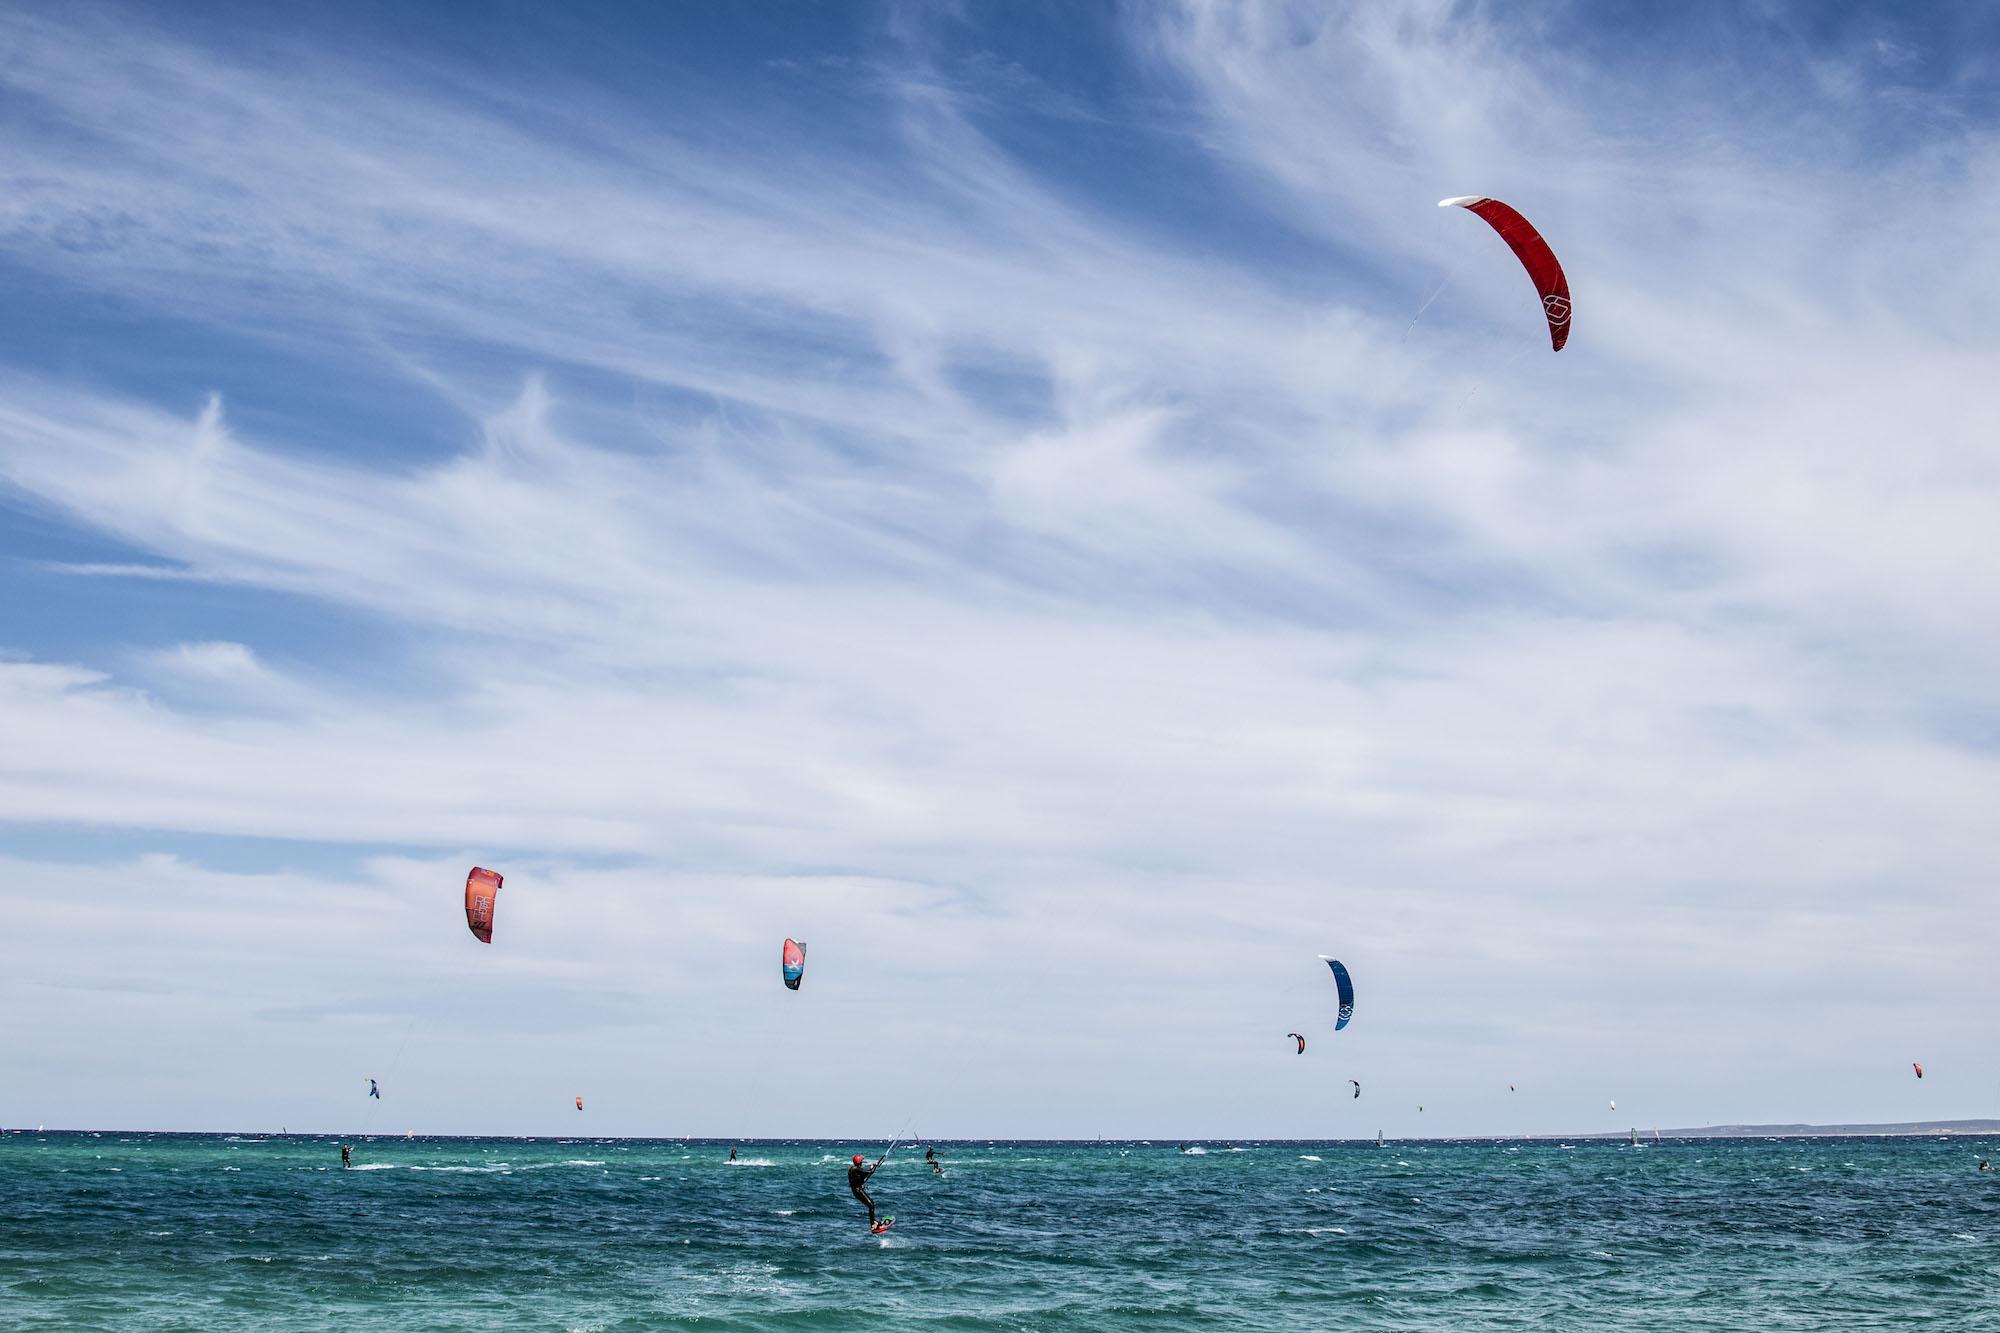 Voiles | Kite Surfing | La Ventana | Isla Espiritu | La Paz | LovaLinda Photography